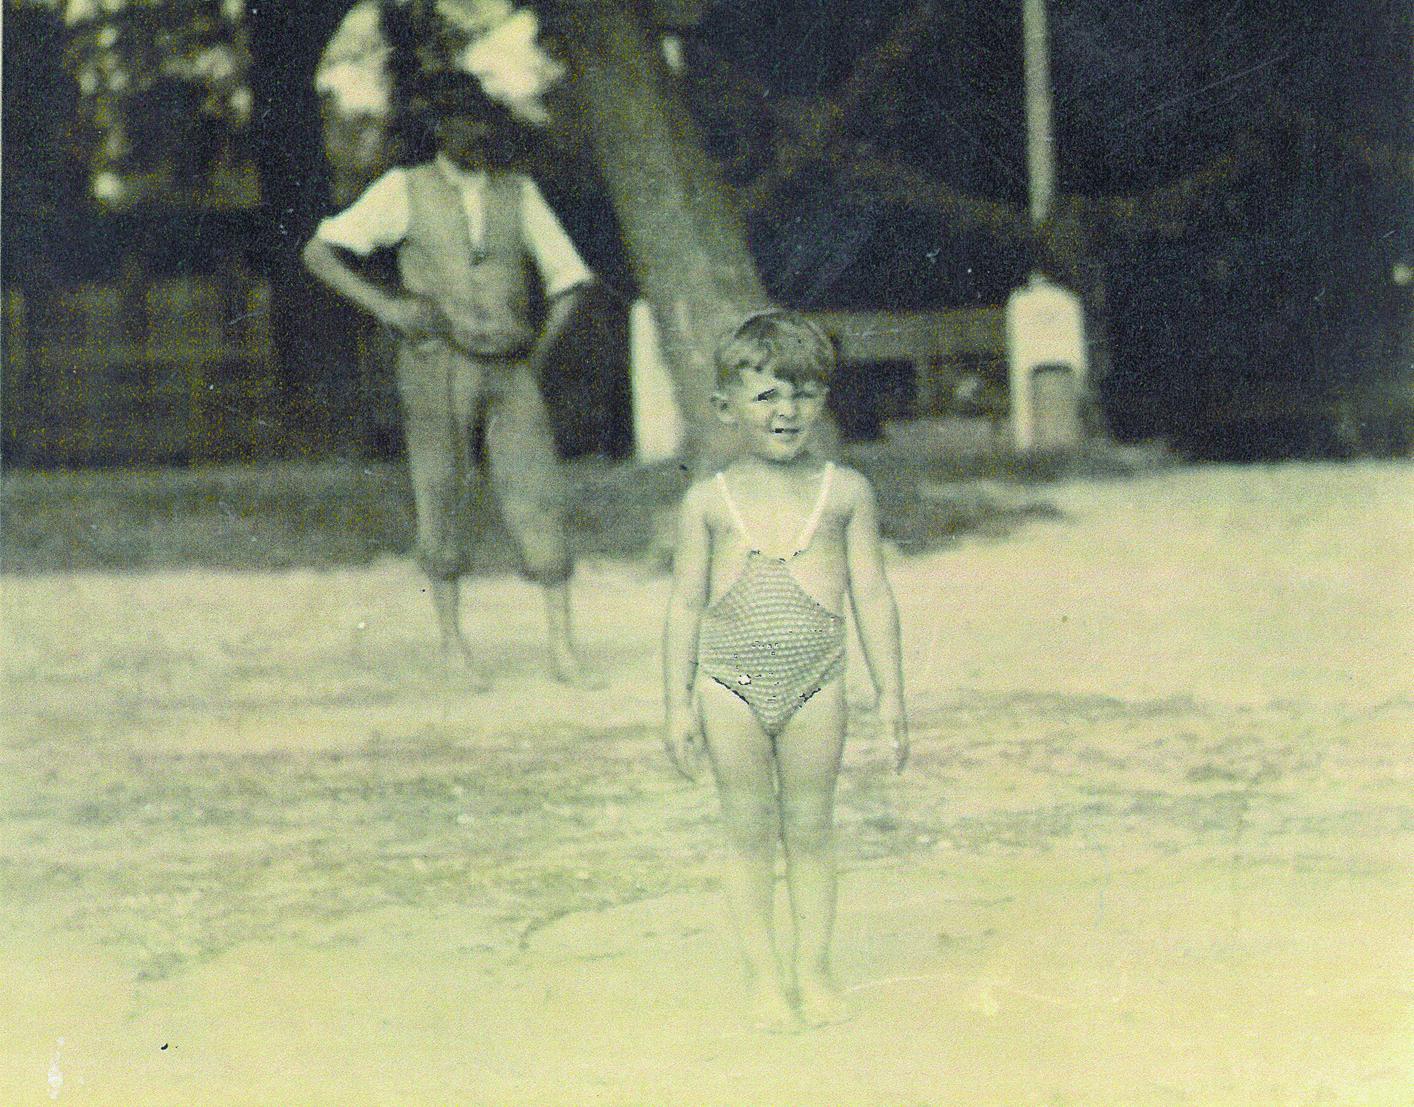 Négyévesen a városi strandon a Vág és a Duna összefolyásánál 1940-ben